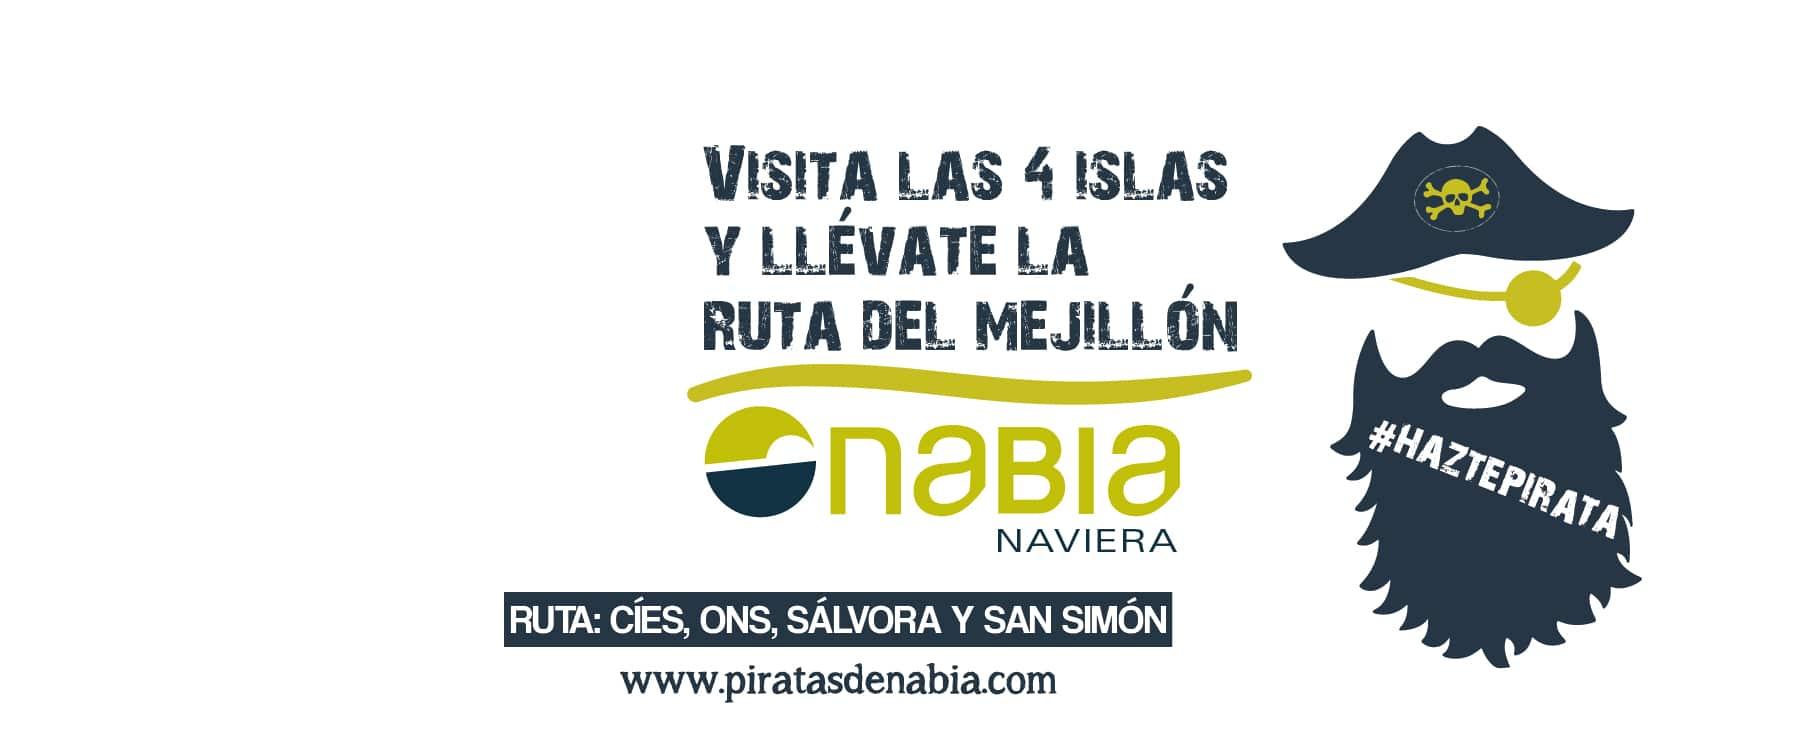 Ruta-pirata-nabia-BANNER_Mesa de trabajo 1